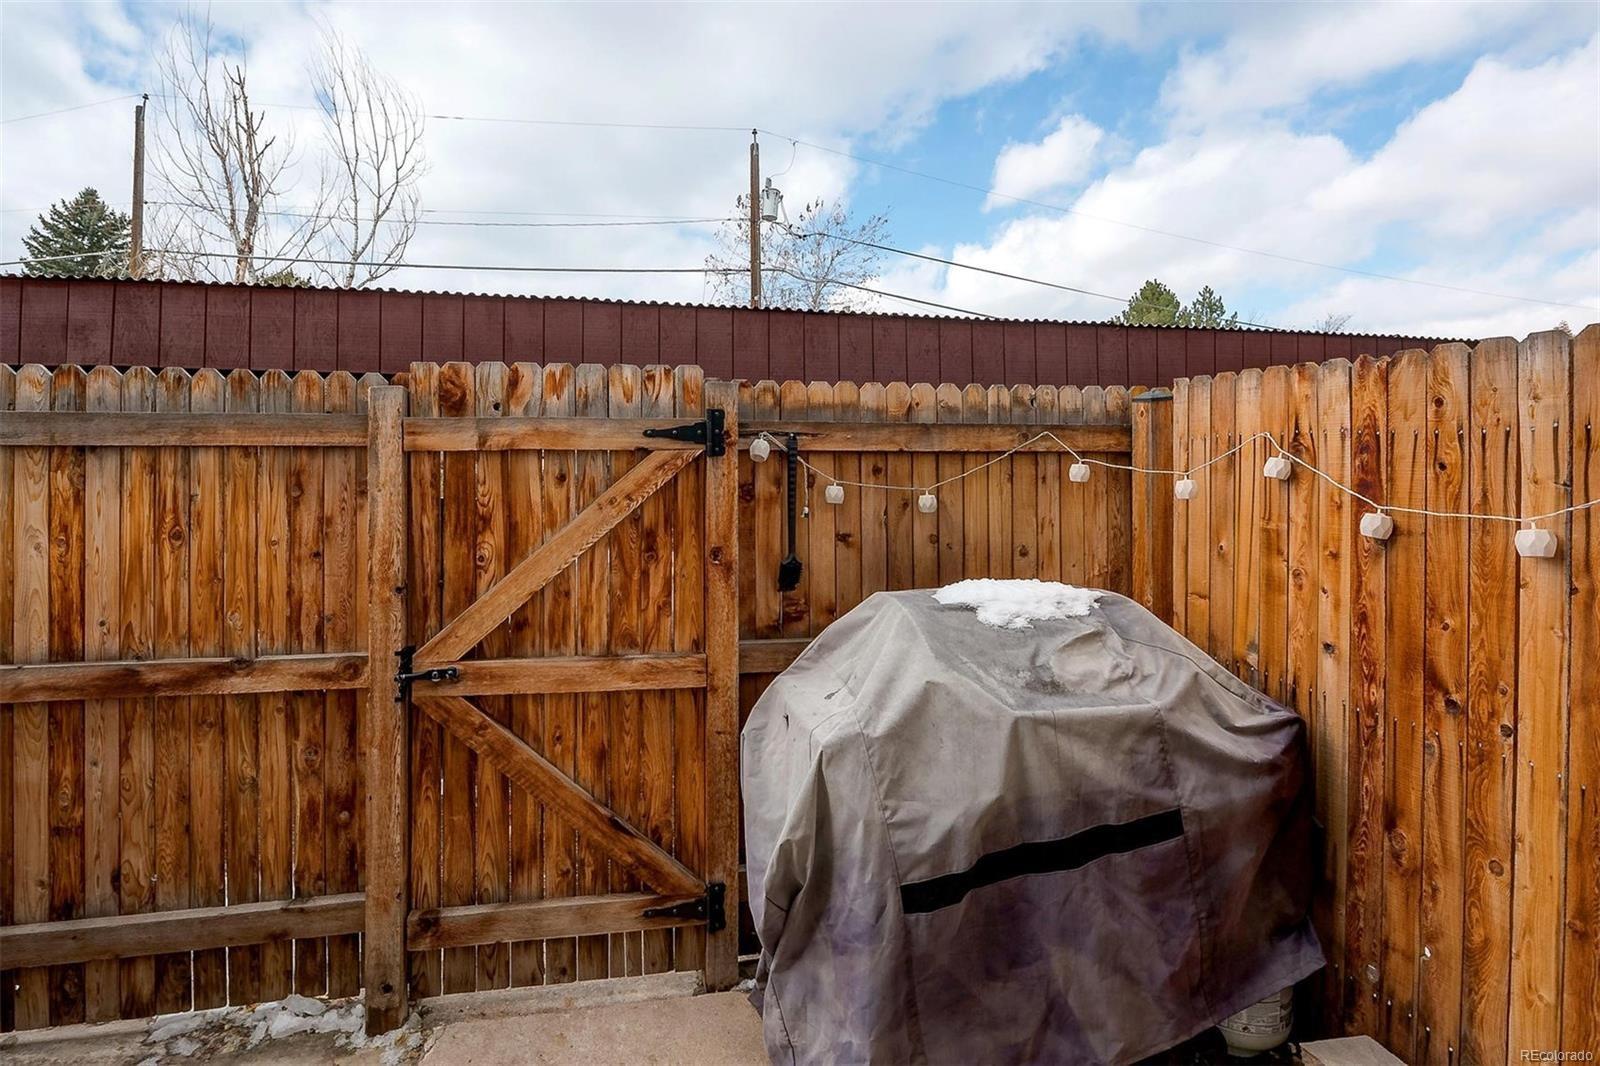 MLS# 5163554 - 1 - 4463  S Lowell Boulevard, Denver, CO 80236